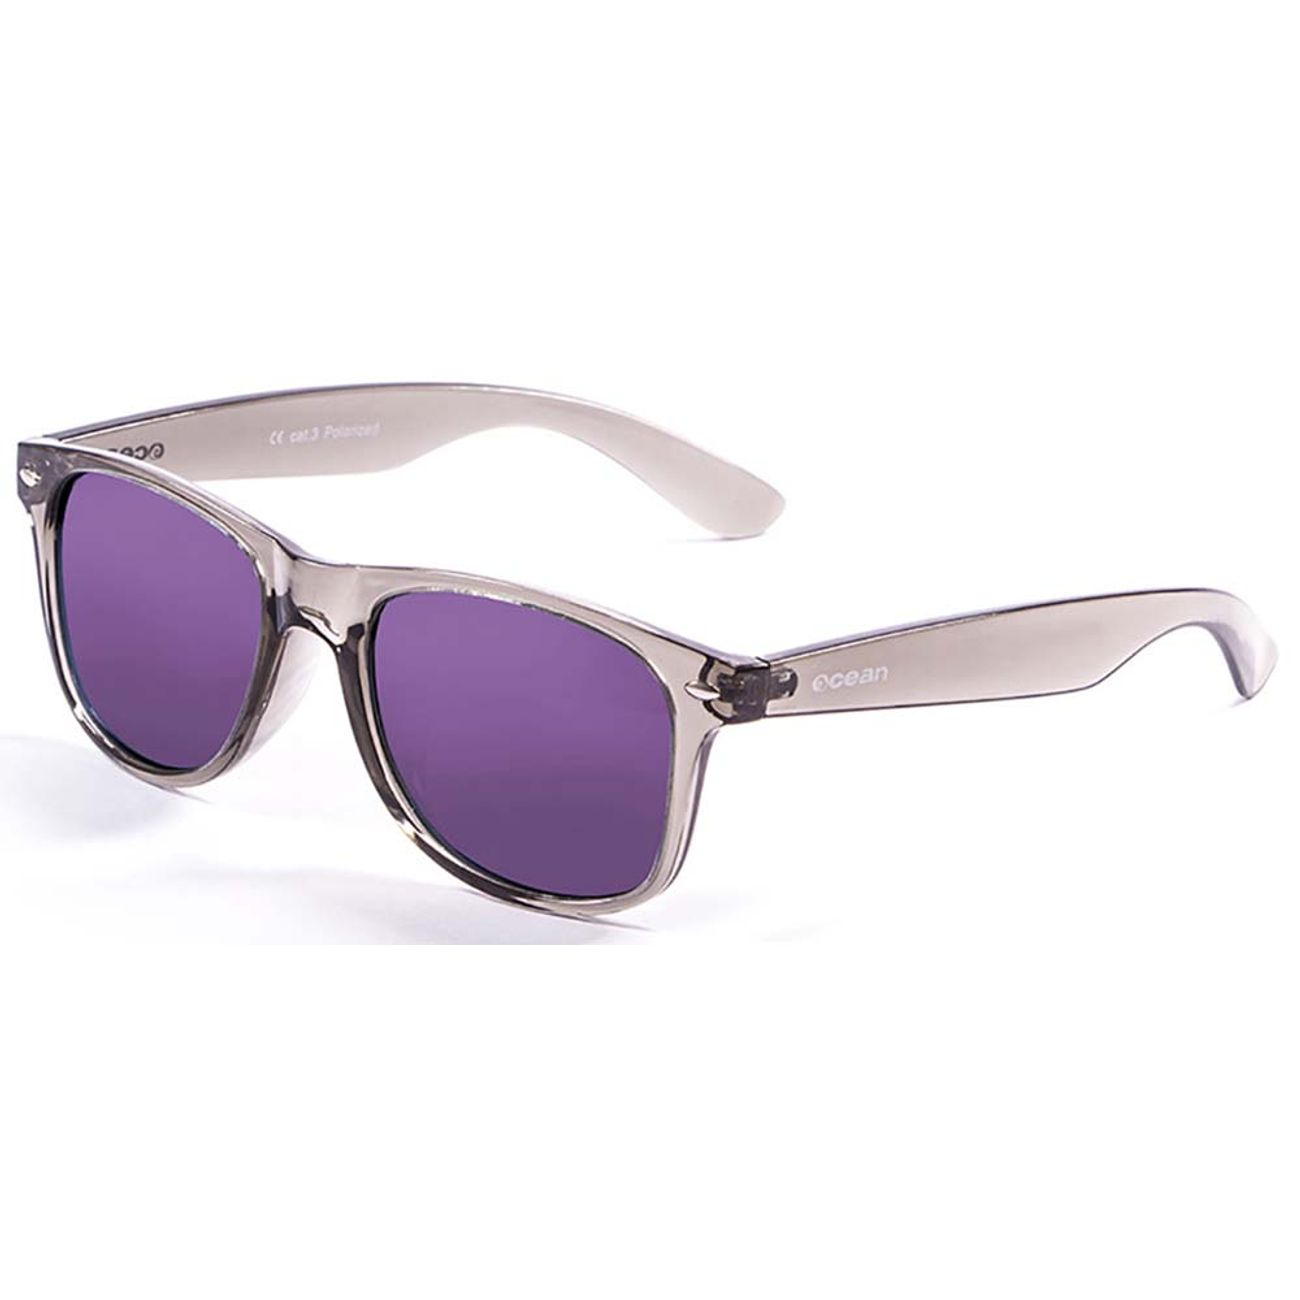 Ocean sunglasses beach achat et prix pas cher go sport - Ocean sunglasses ...